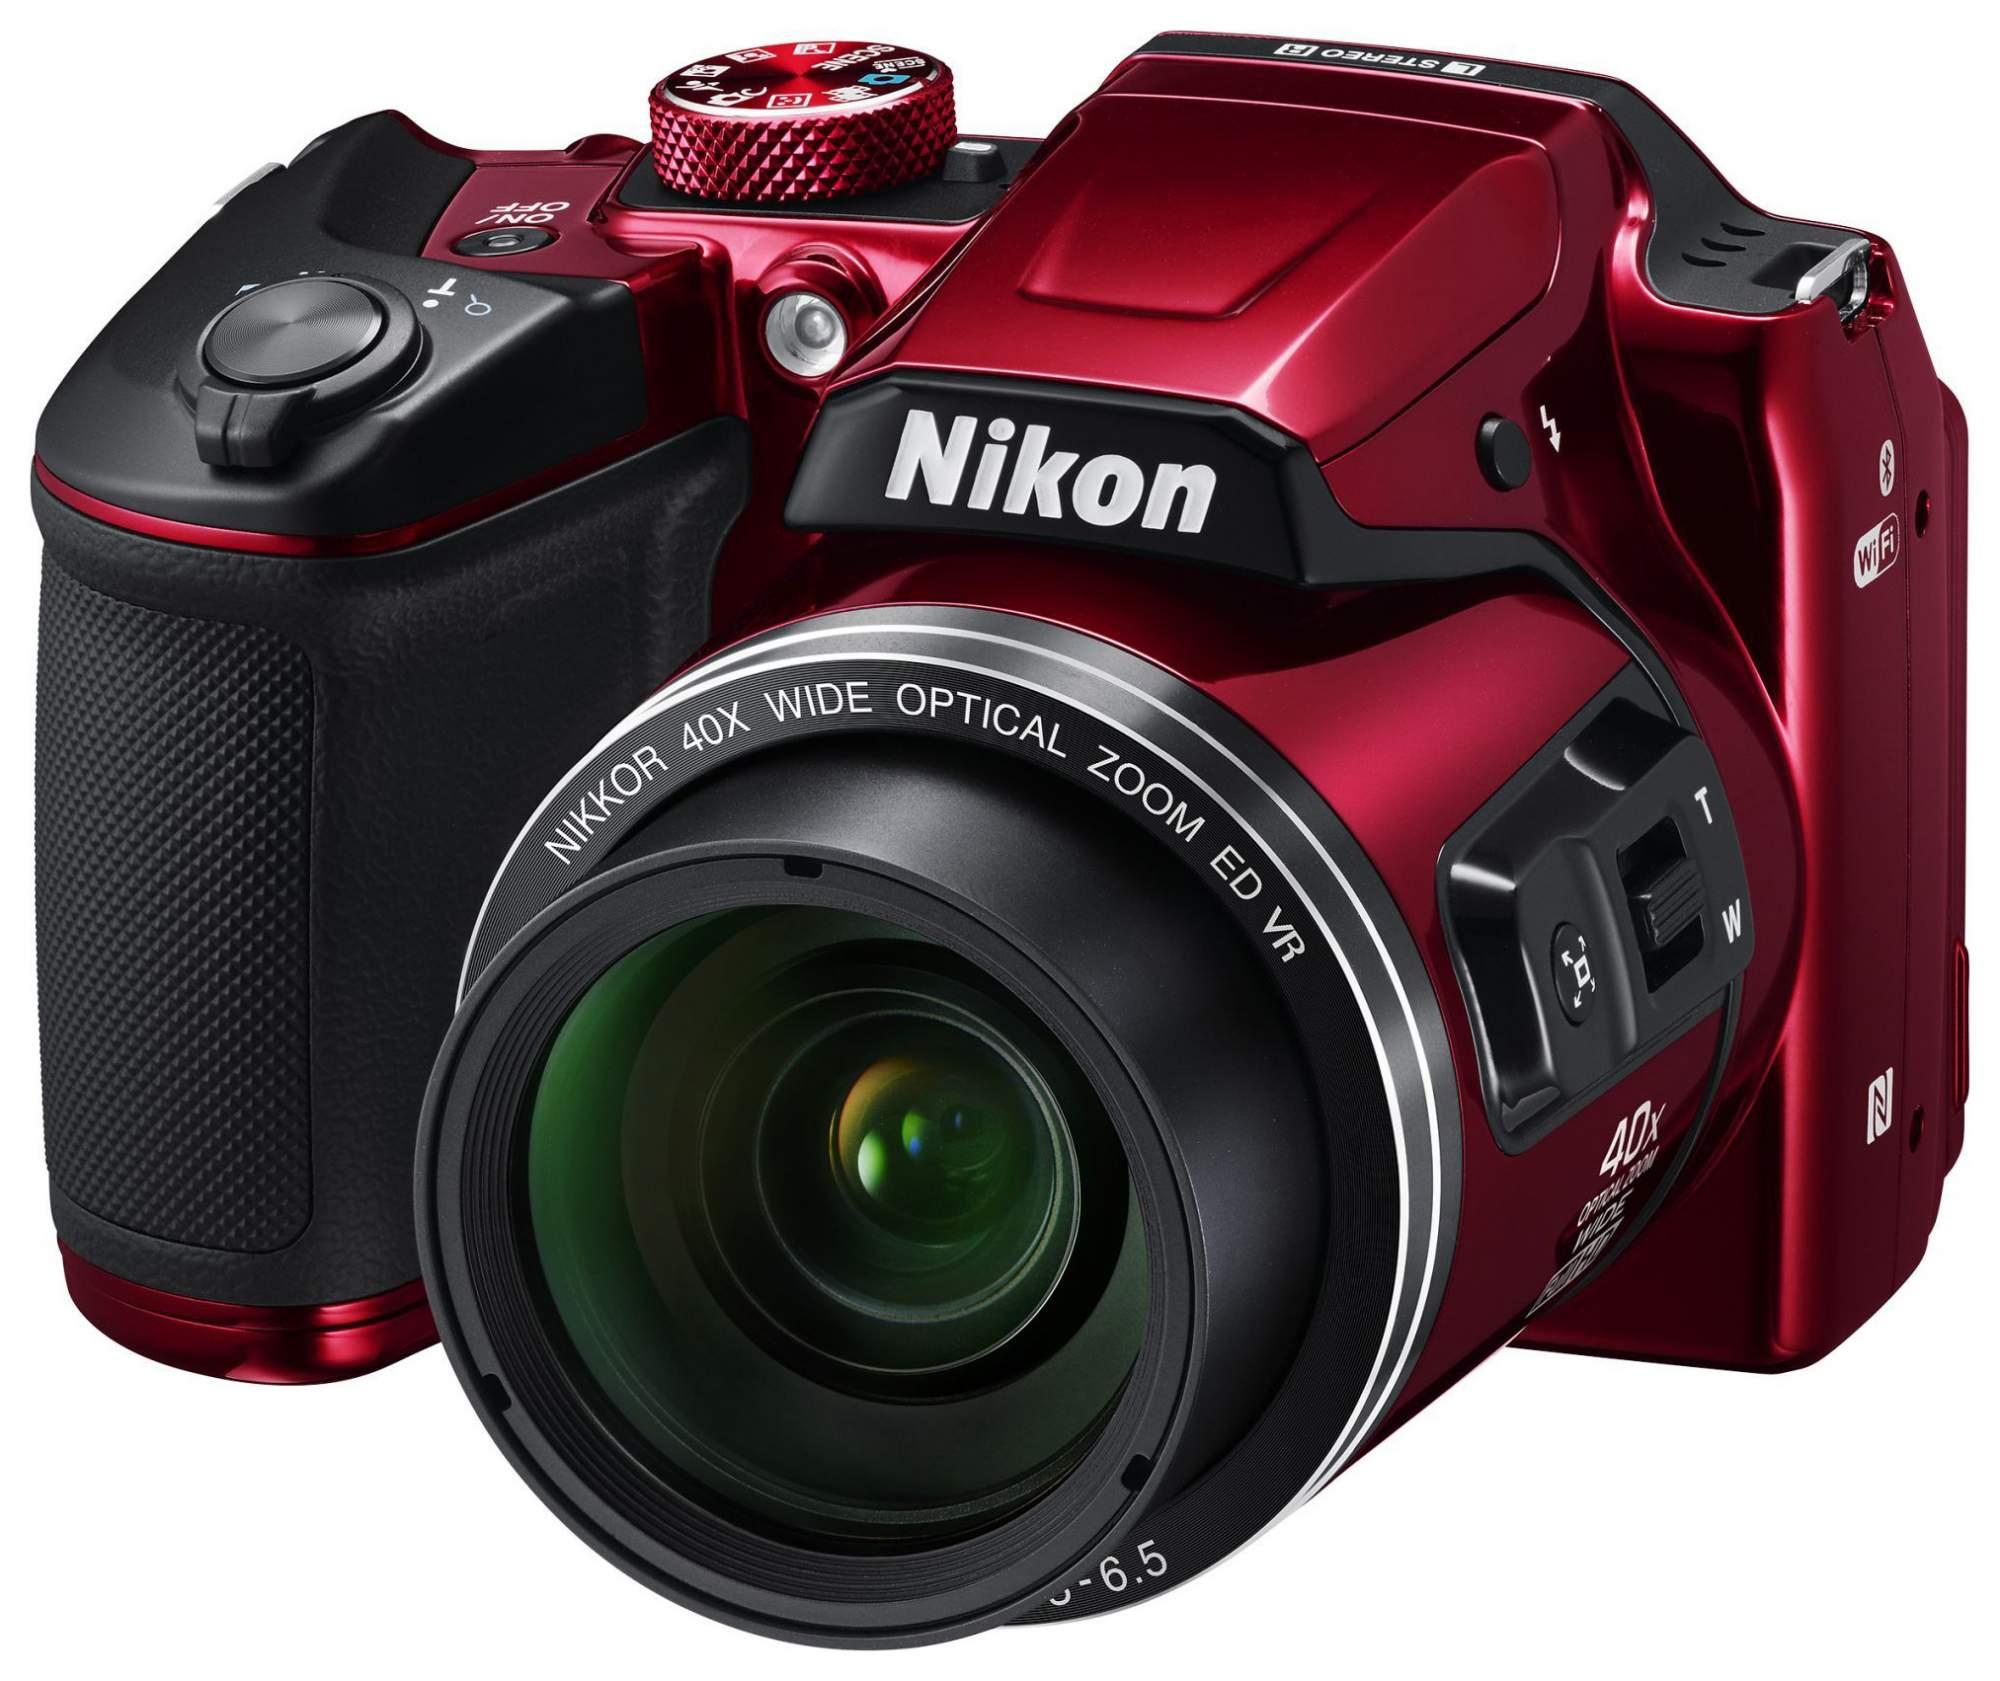 горах остался лучшие компактные зеркальные фотоаппараты актера, способного